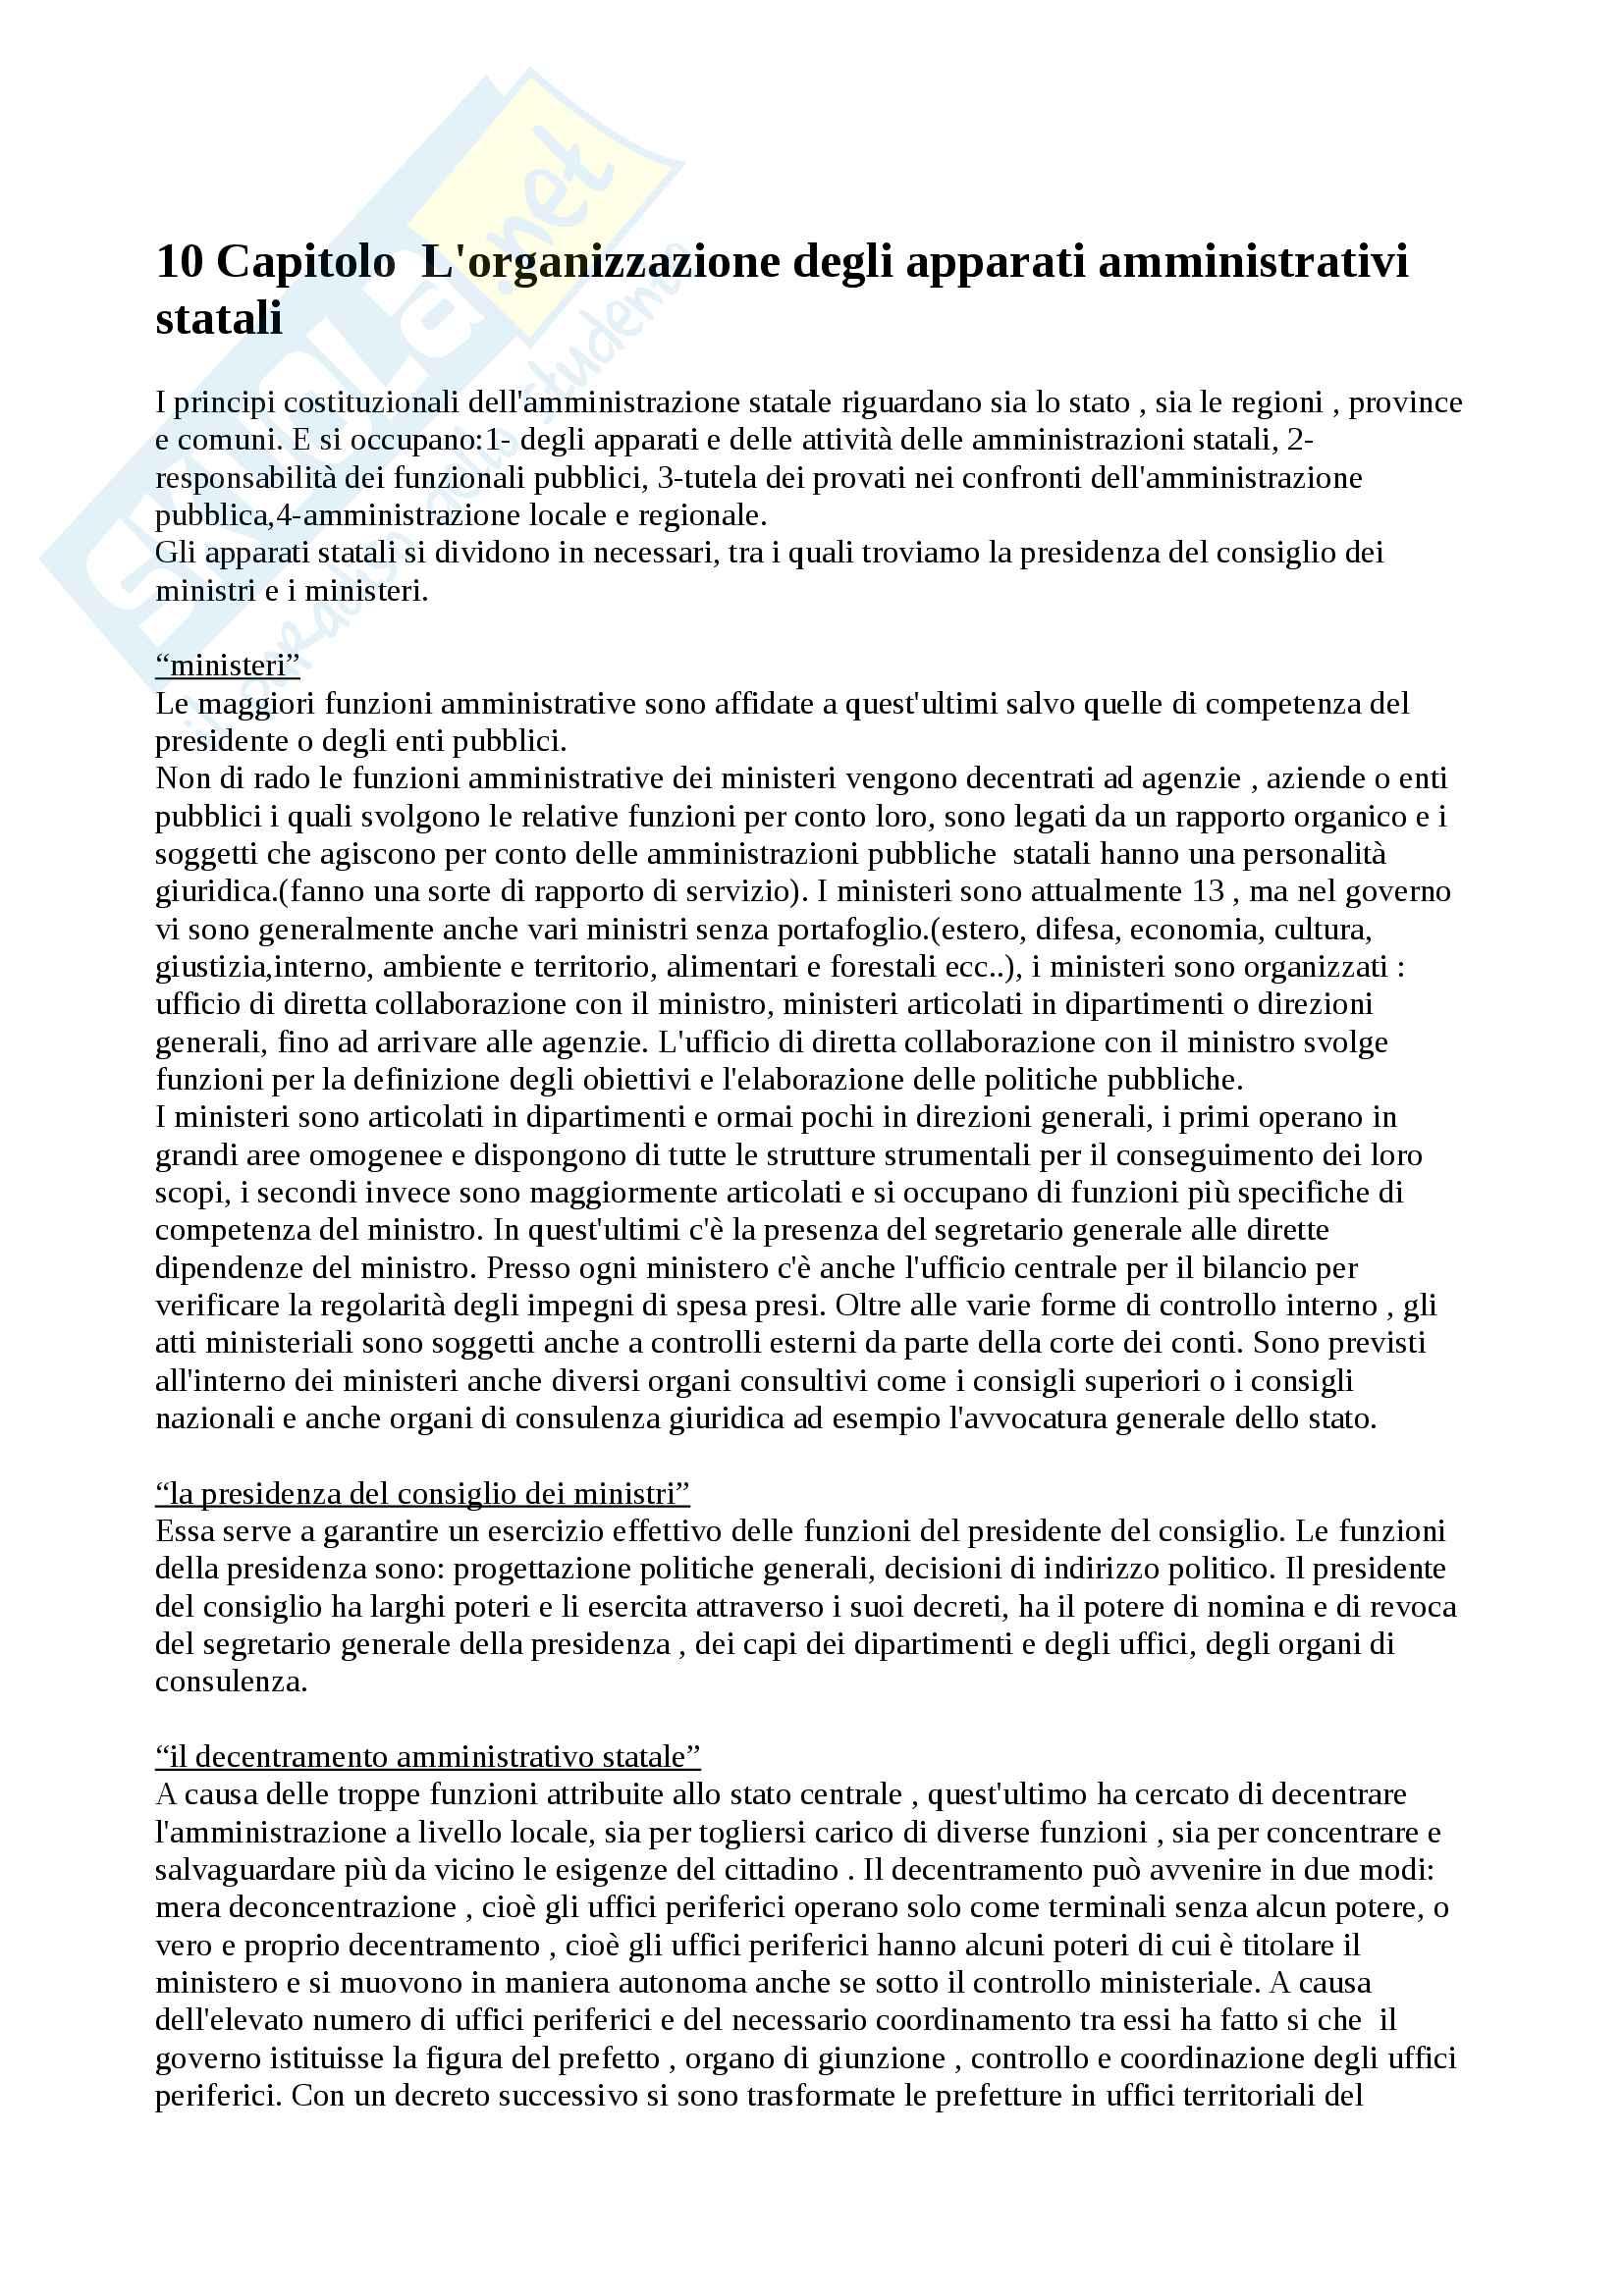 L 'organizzazione degli apparati amministrativi statali